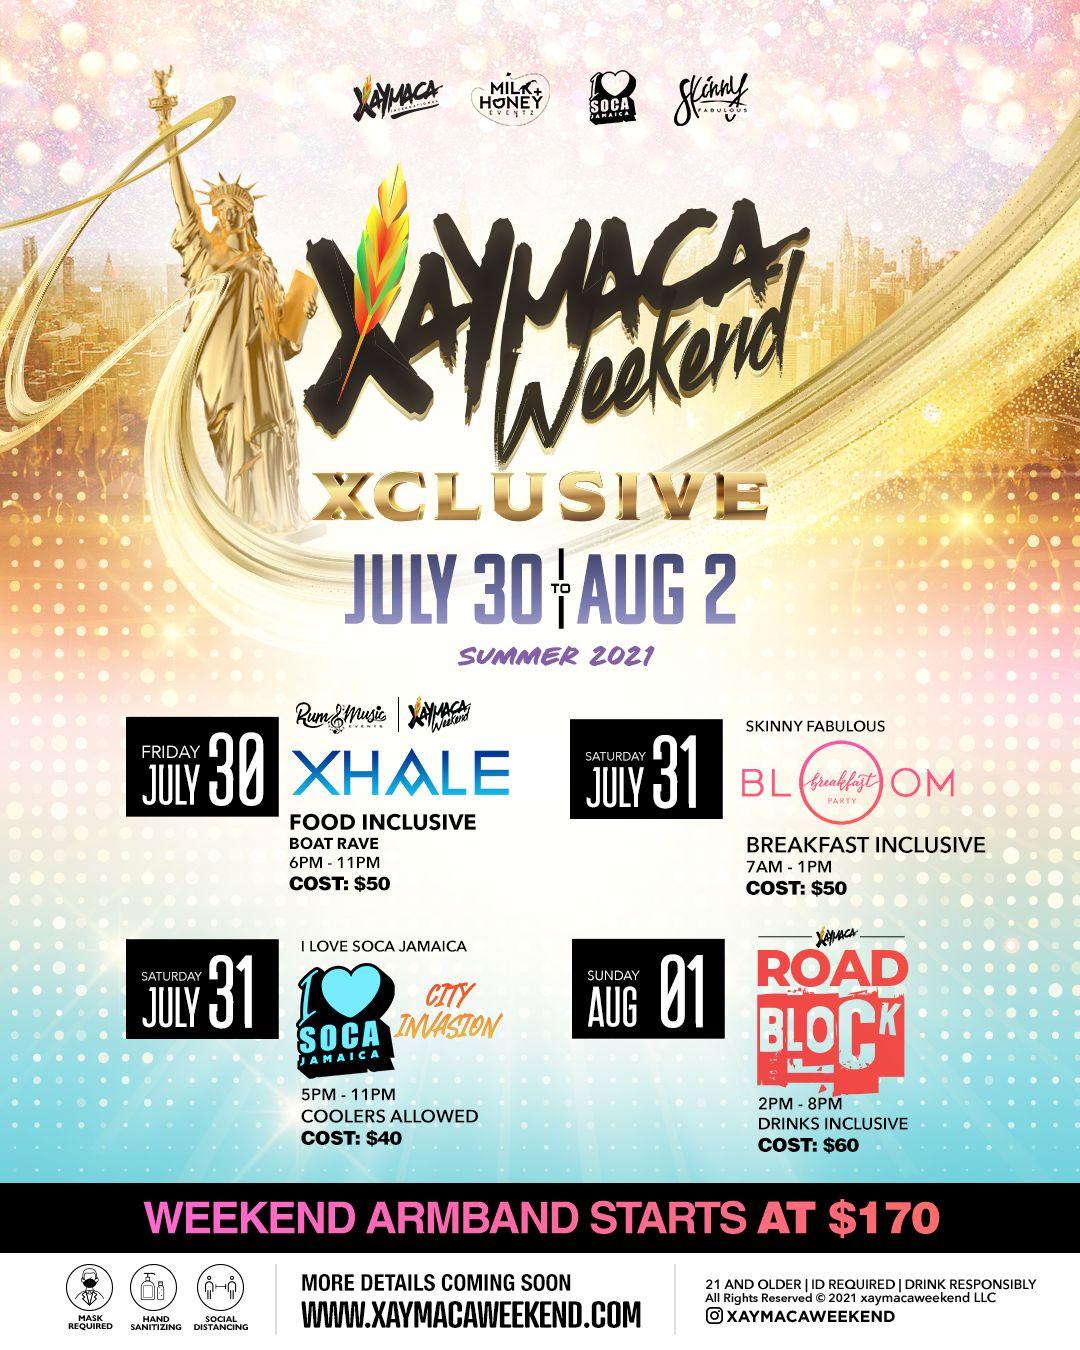 Xaymaca Weekend Xclusive NYC